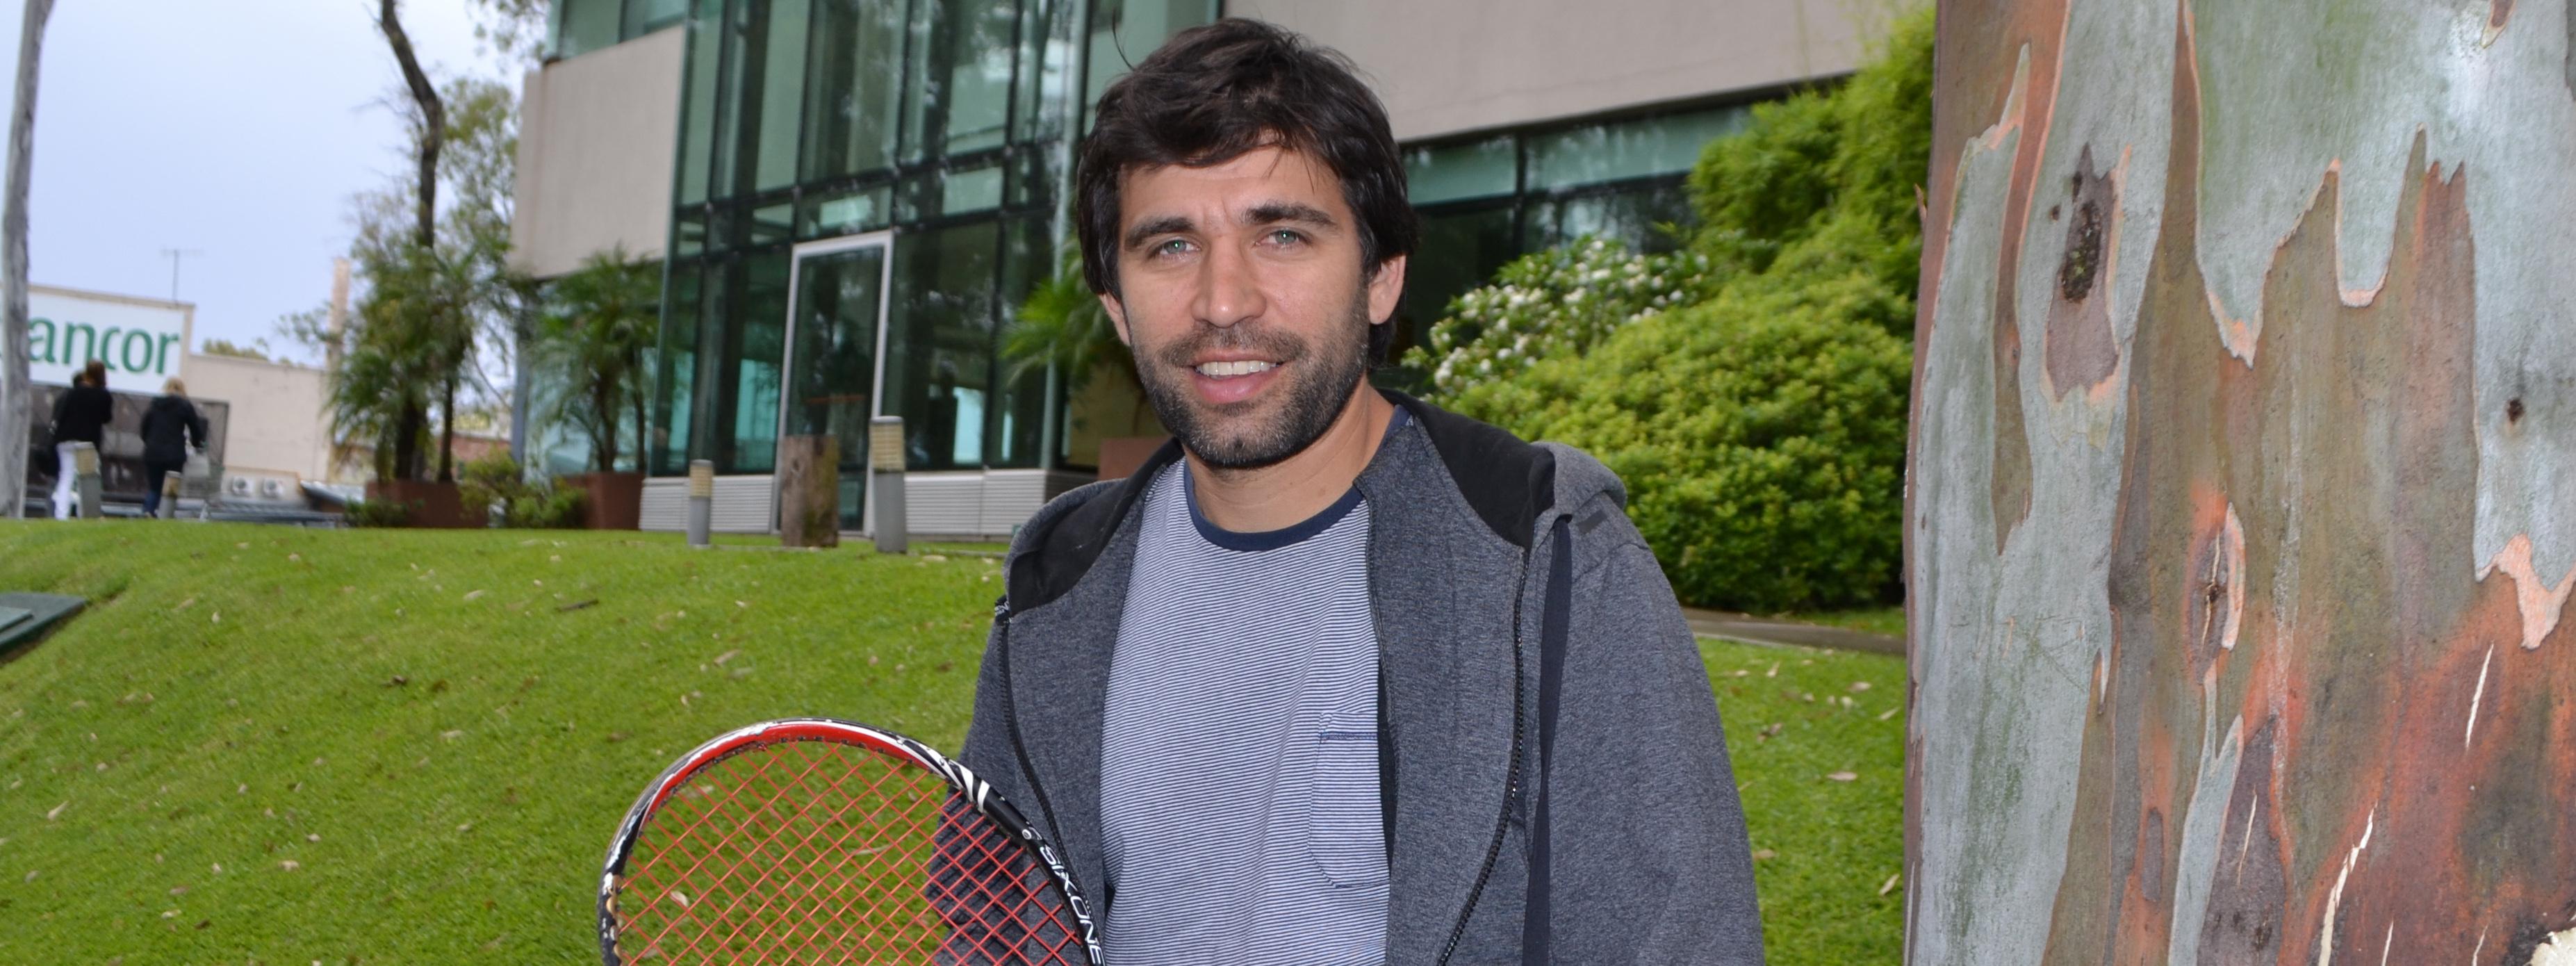 TENIS DETRÁS DE IL TEMPO: Matías Oddone, las sensaciones y experiencia de un tenista aplicadas a la formación